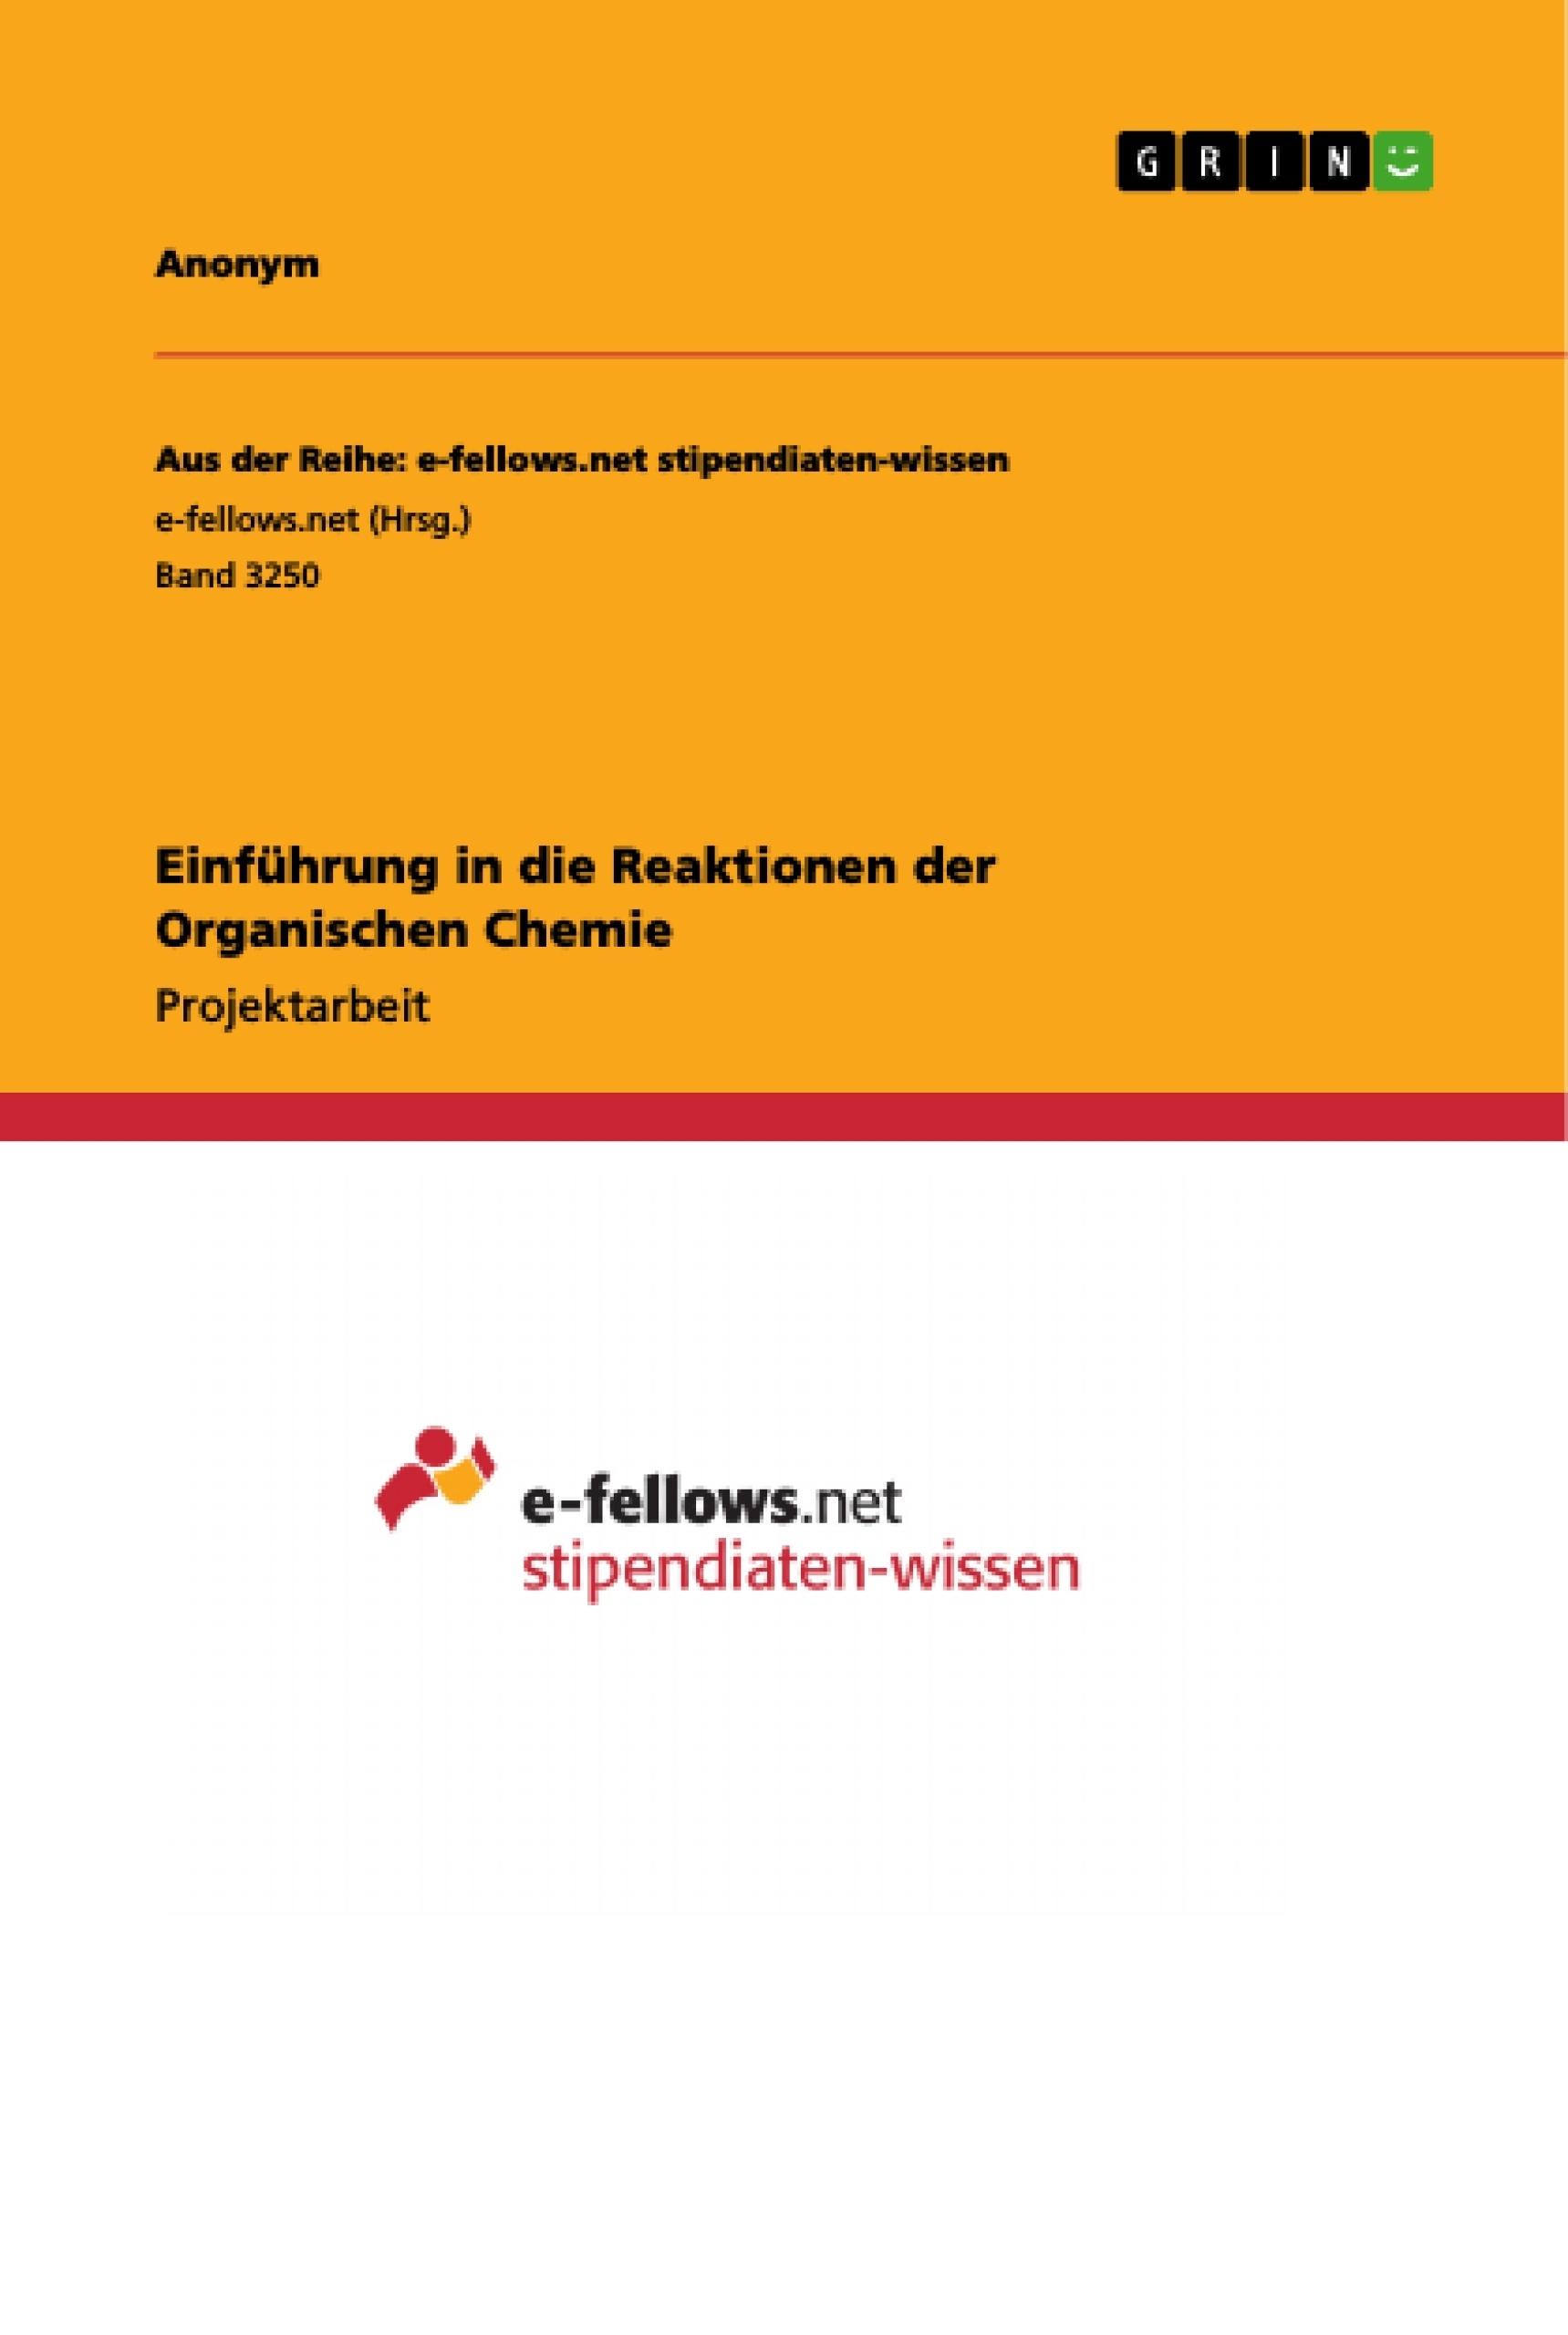 Titel: Einführung in die Reaktionen der Organischen Chemie